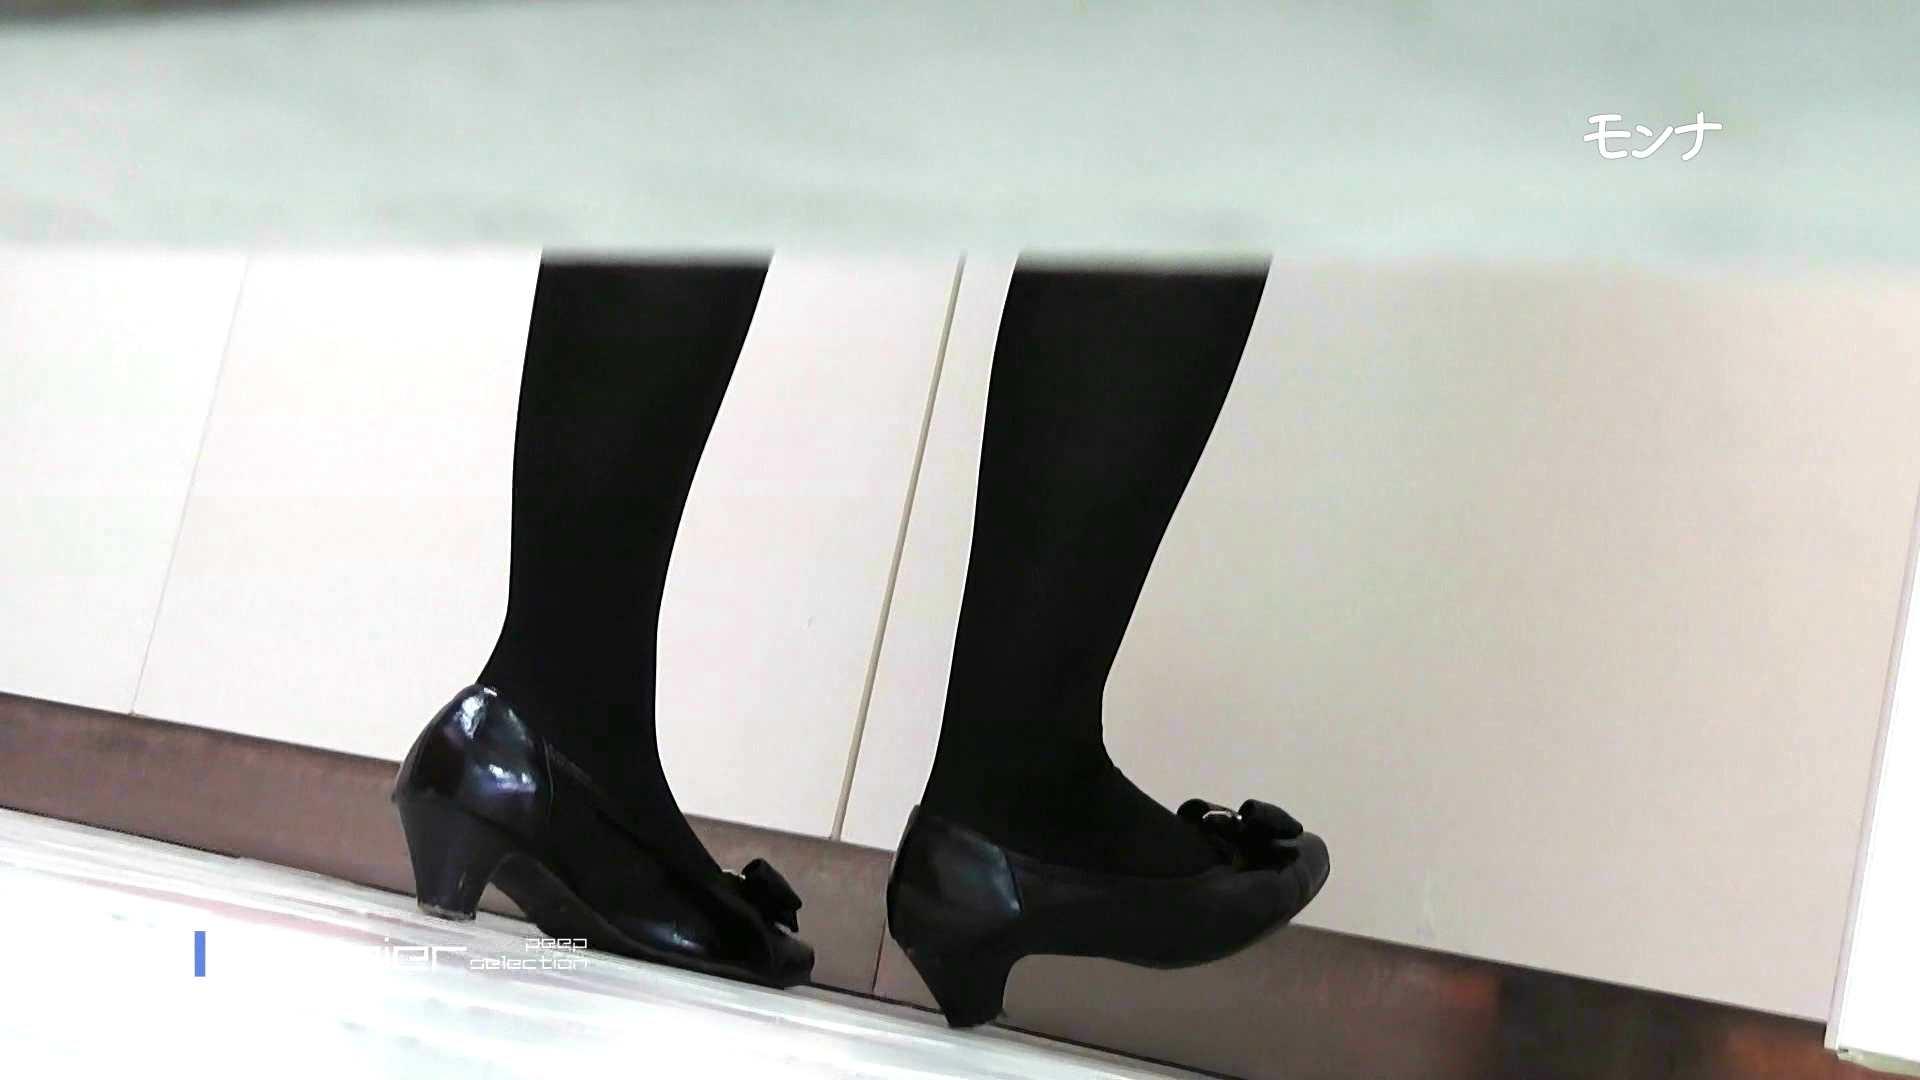 遂に!!戸田恵梨香似の予告モデル登場ダッシュで「大」 丸見え オメコ動画キャプチャ 84枚 83